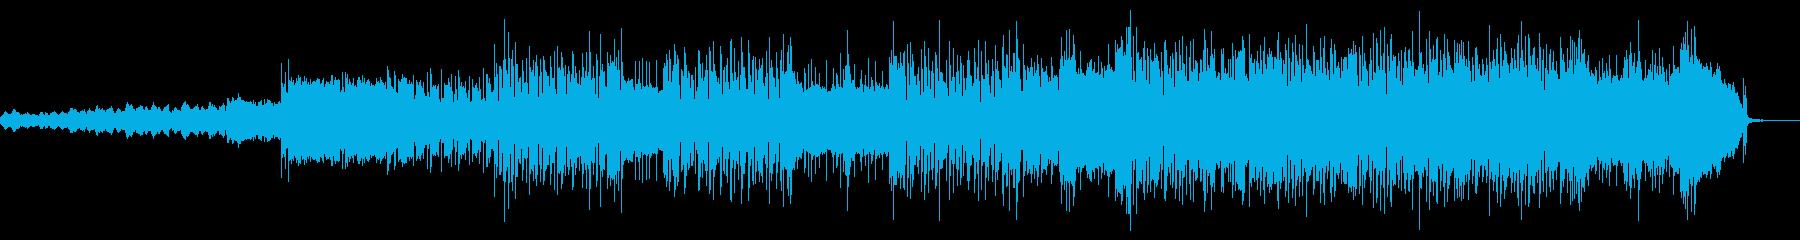 ヘヴィなギターで登場シーンに最適なBGMの再生済みの波形